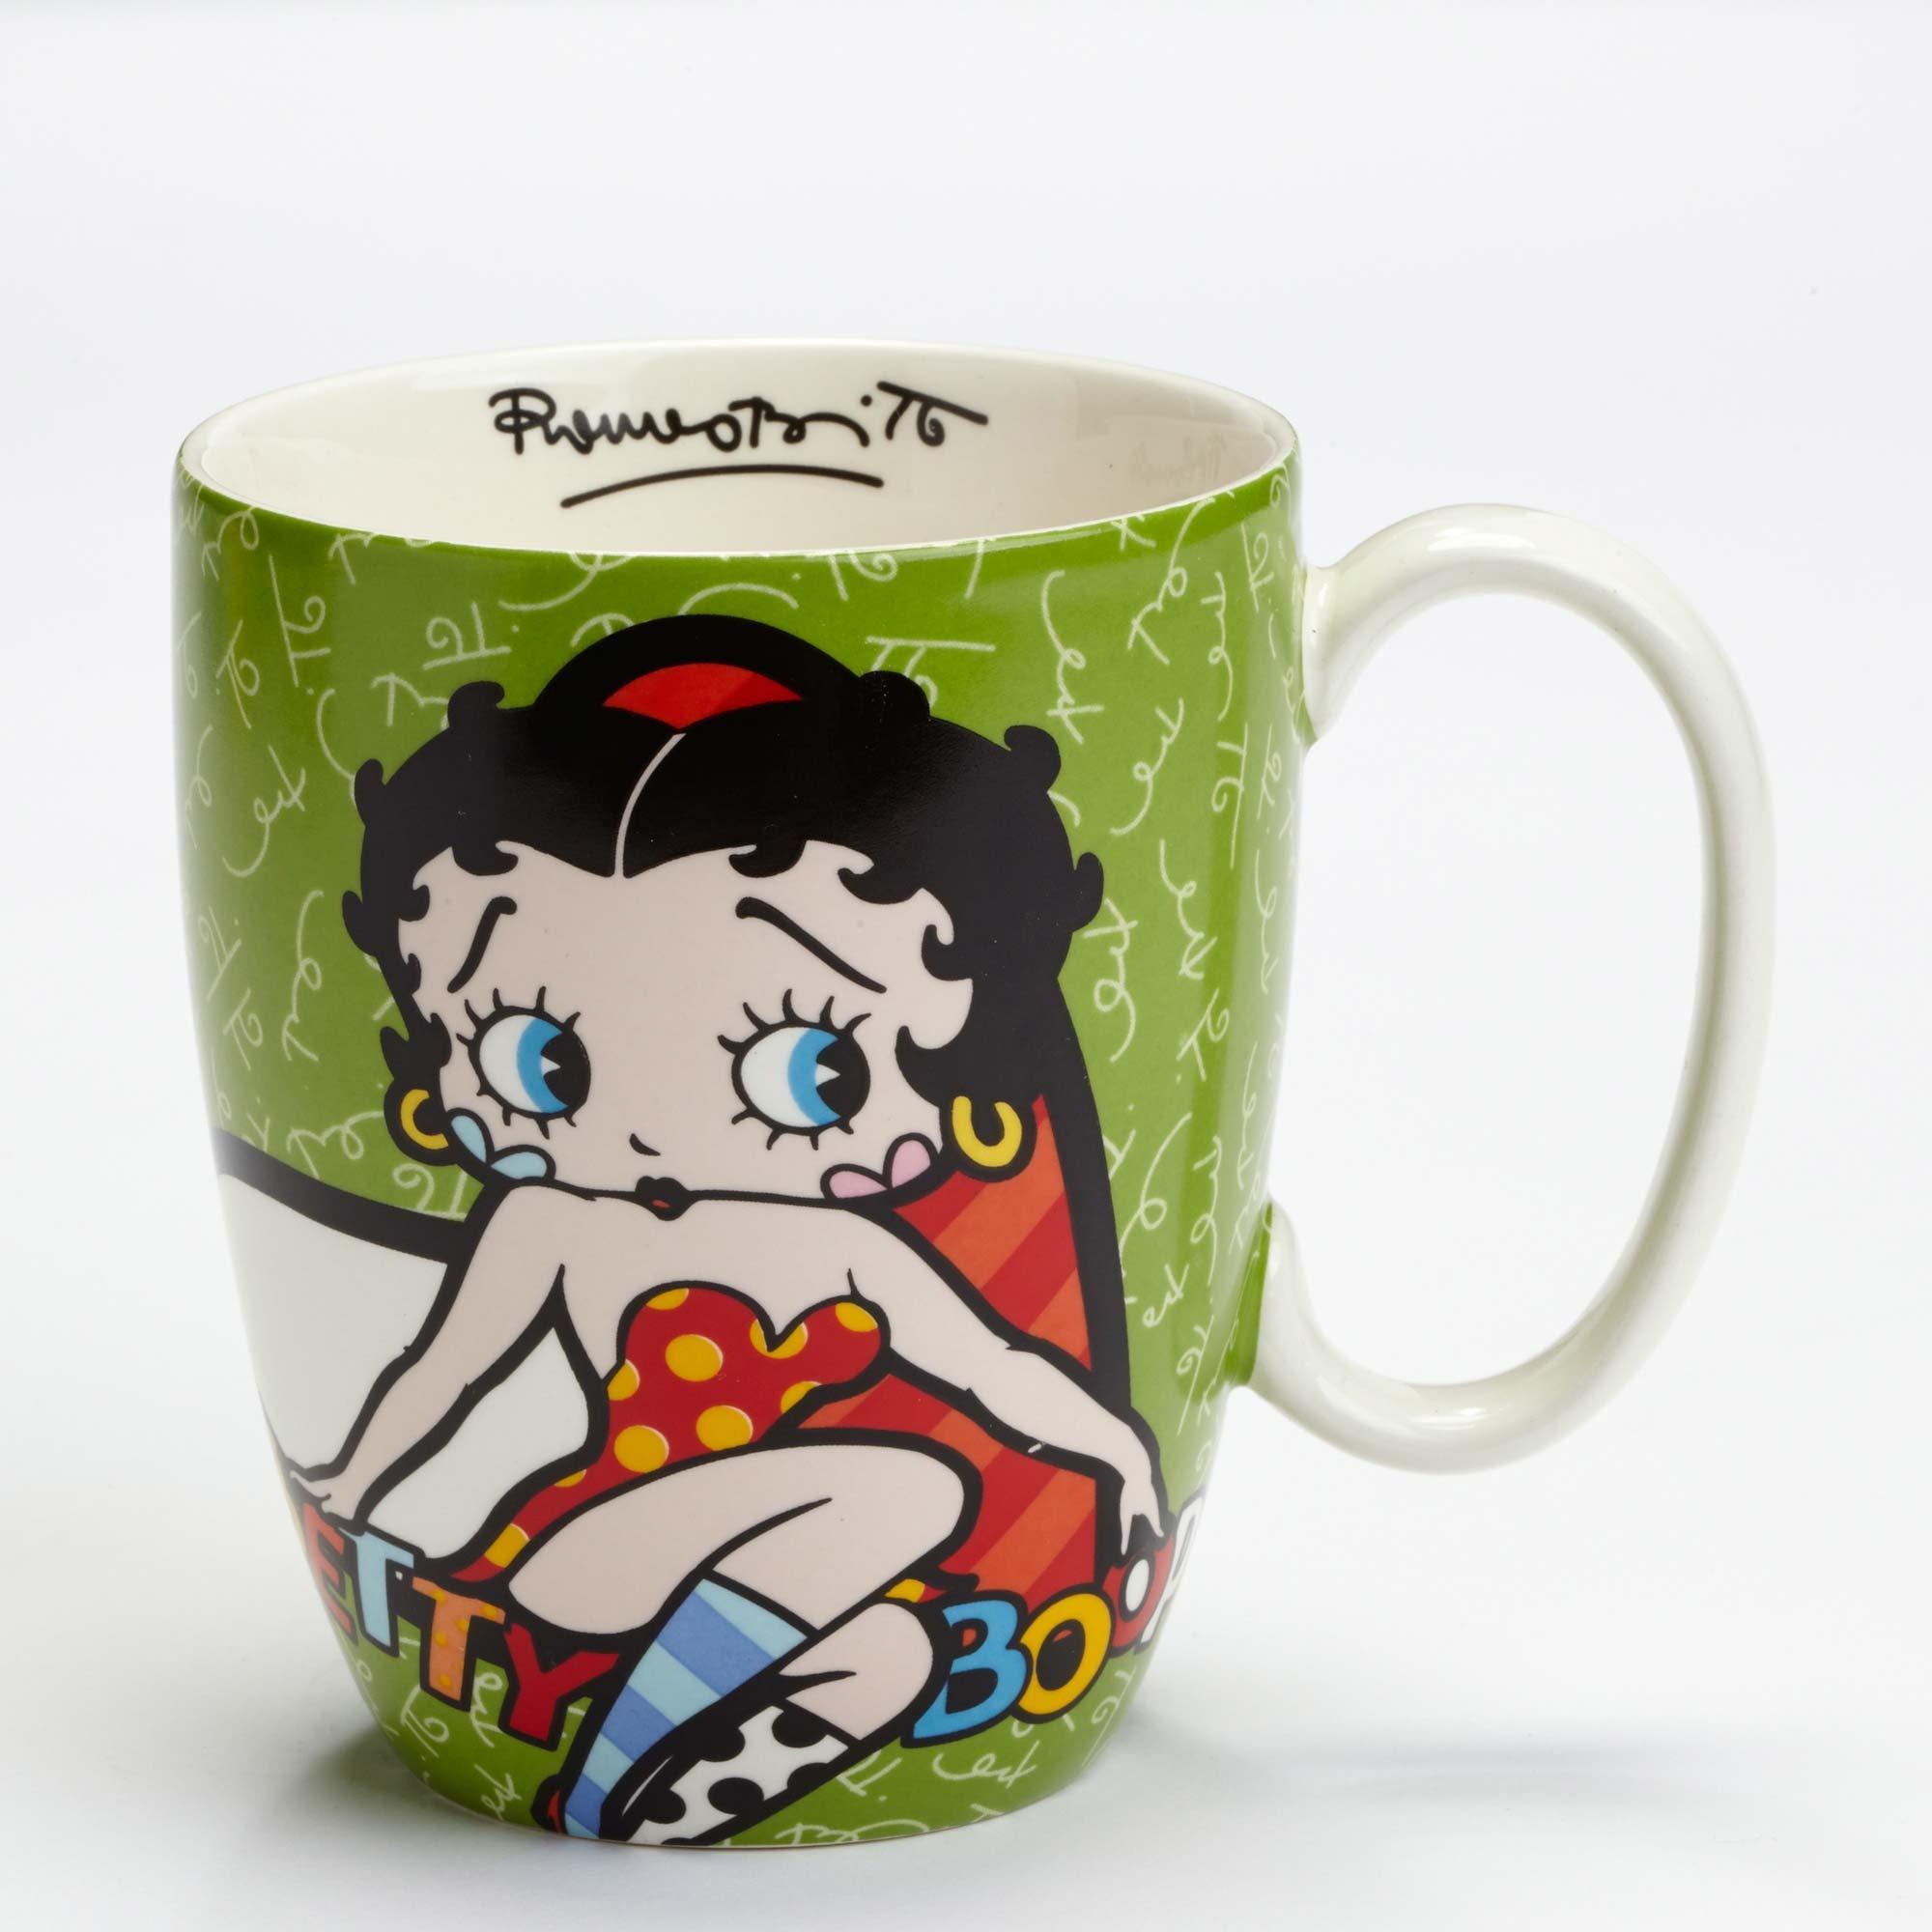 Betty Boop Green Mug by Britto - Artreco